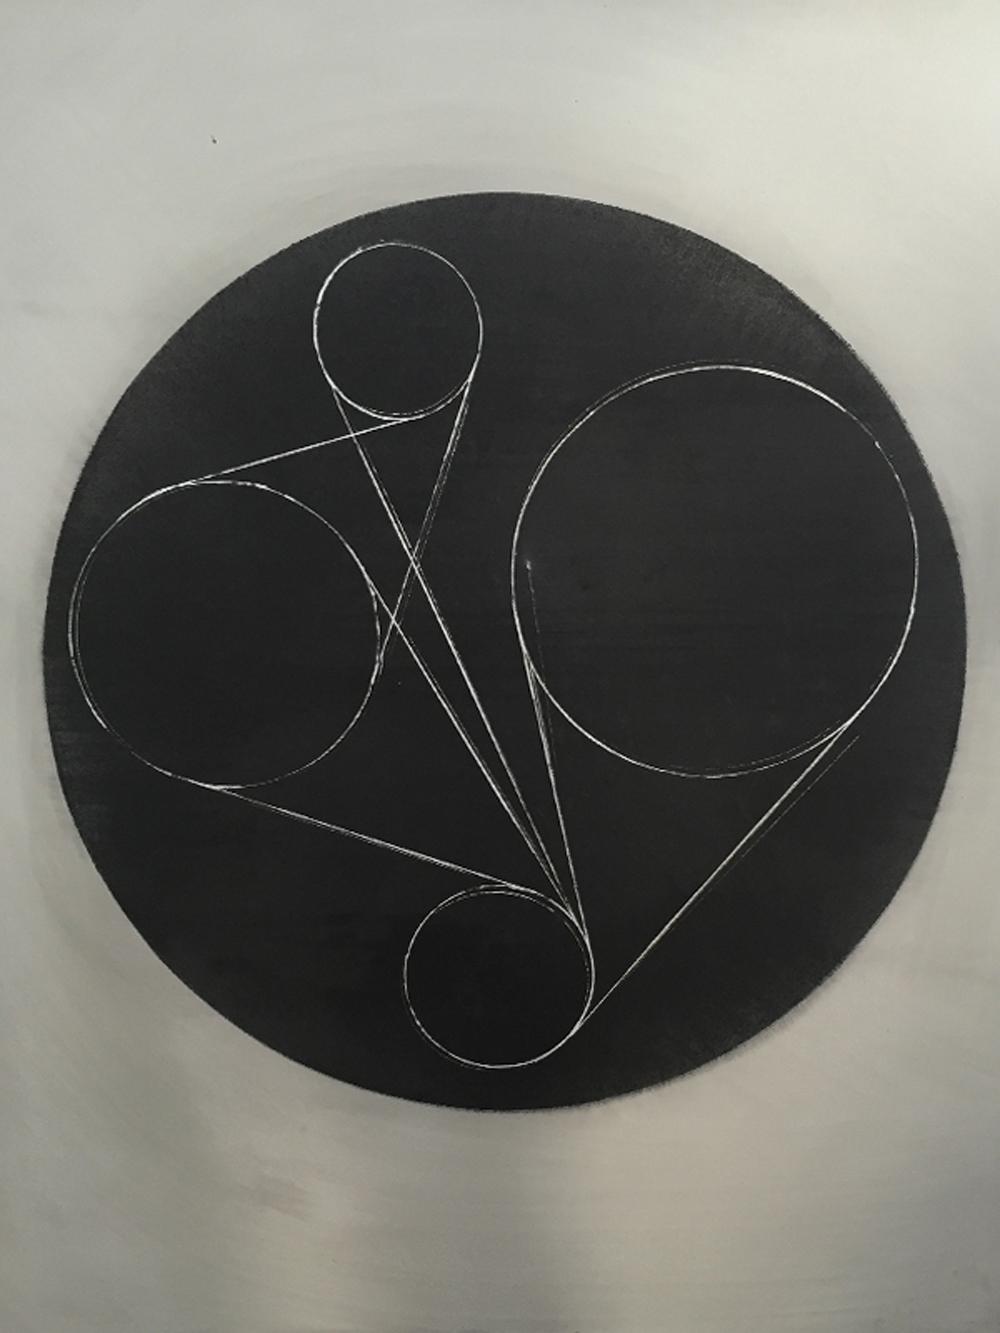 Senza titolo, 2016, gesso, tempera e graffito su tavola, cm 105x85